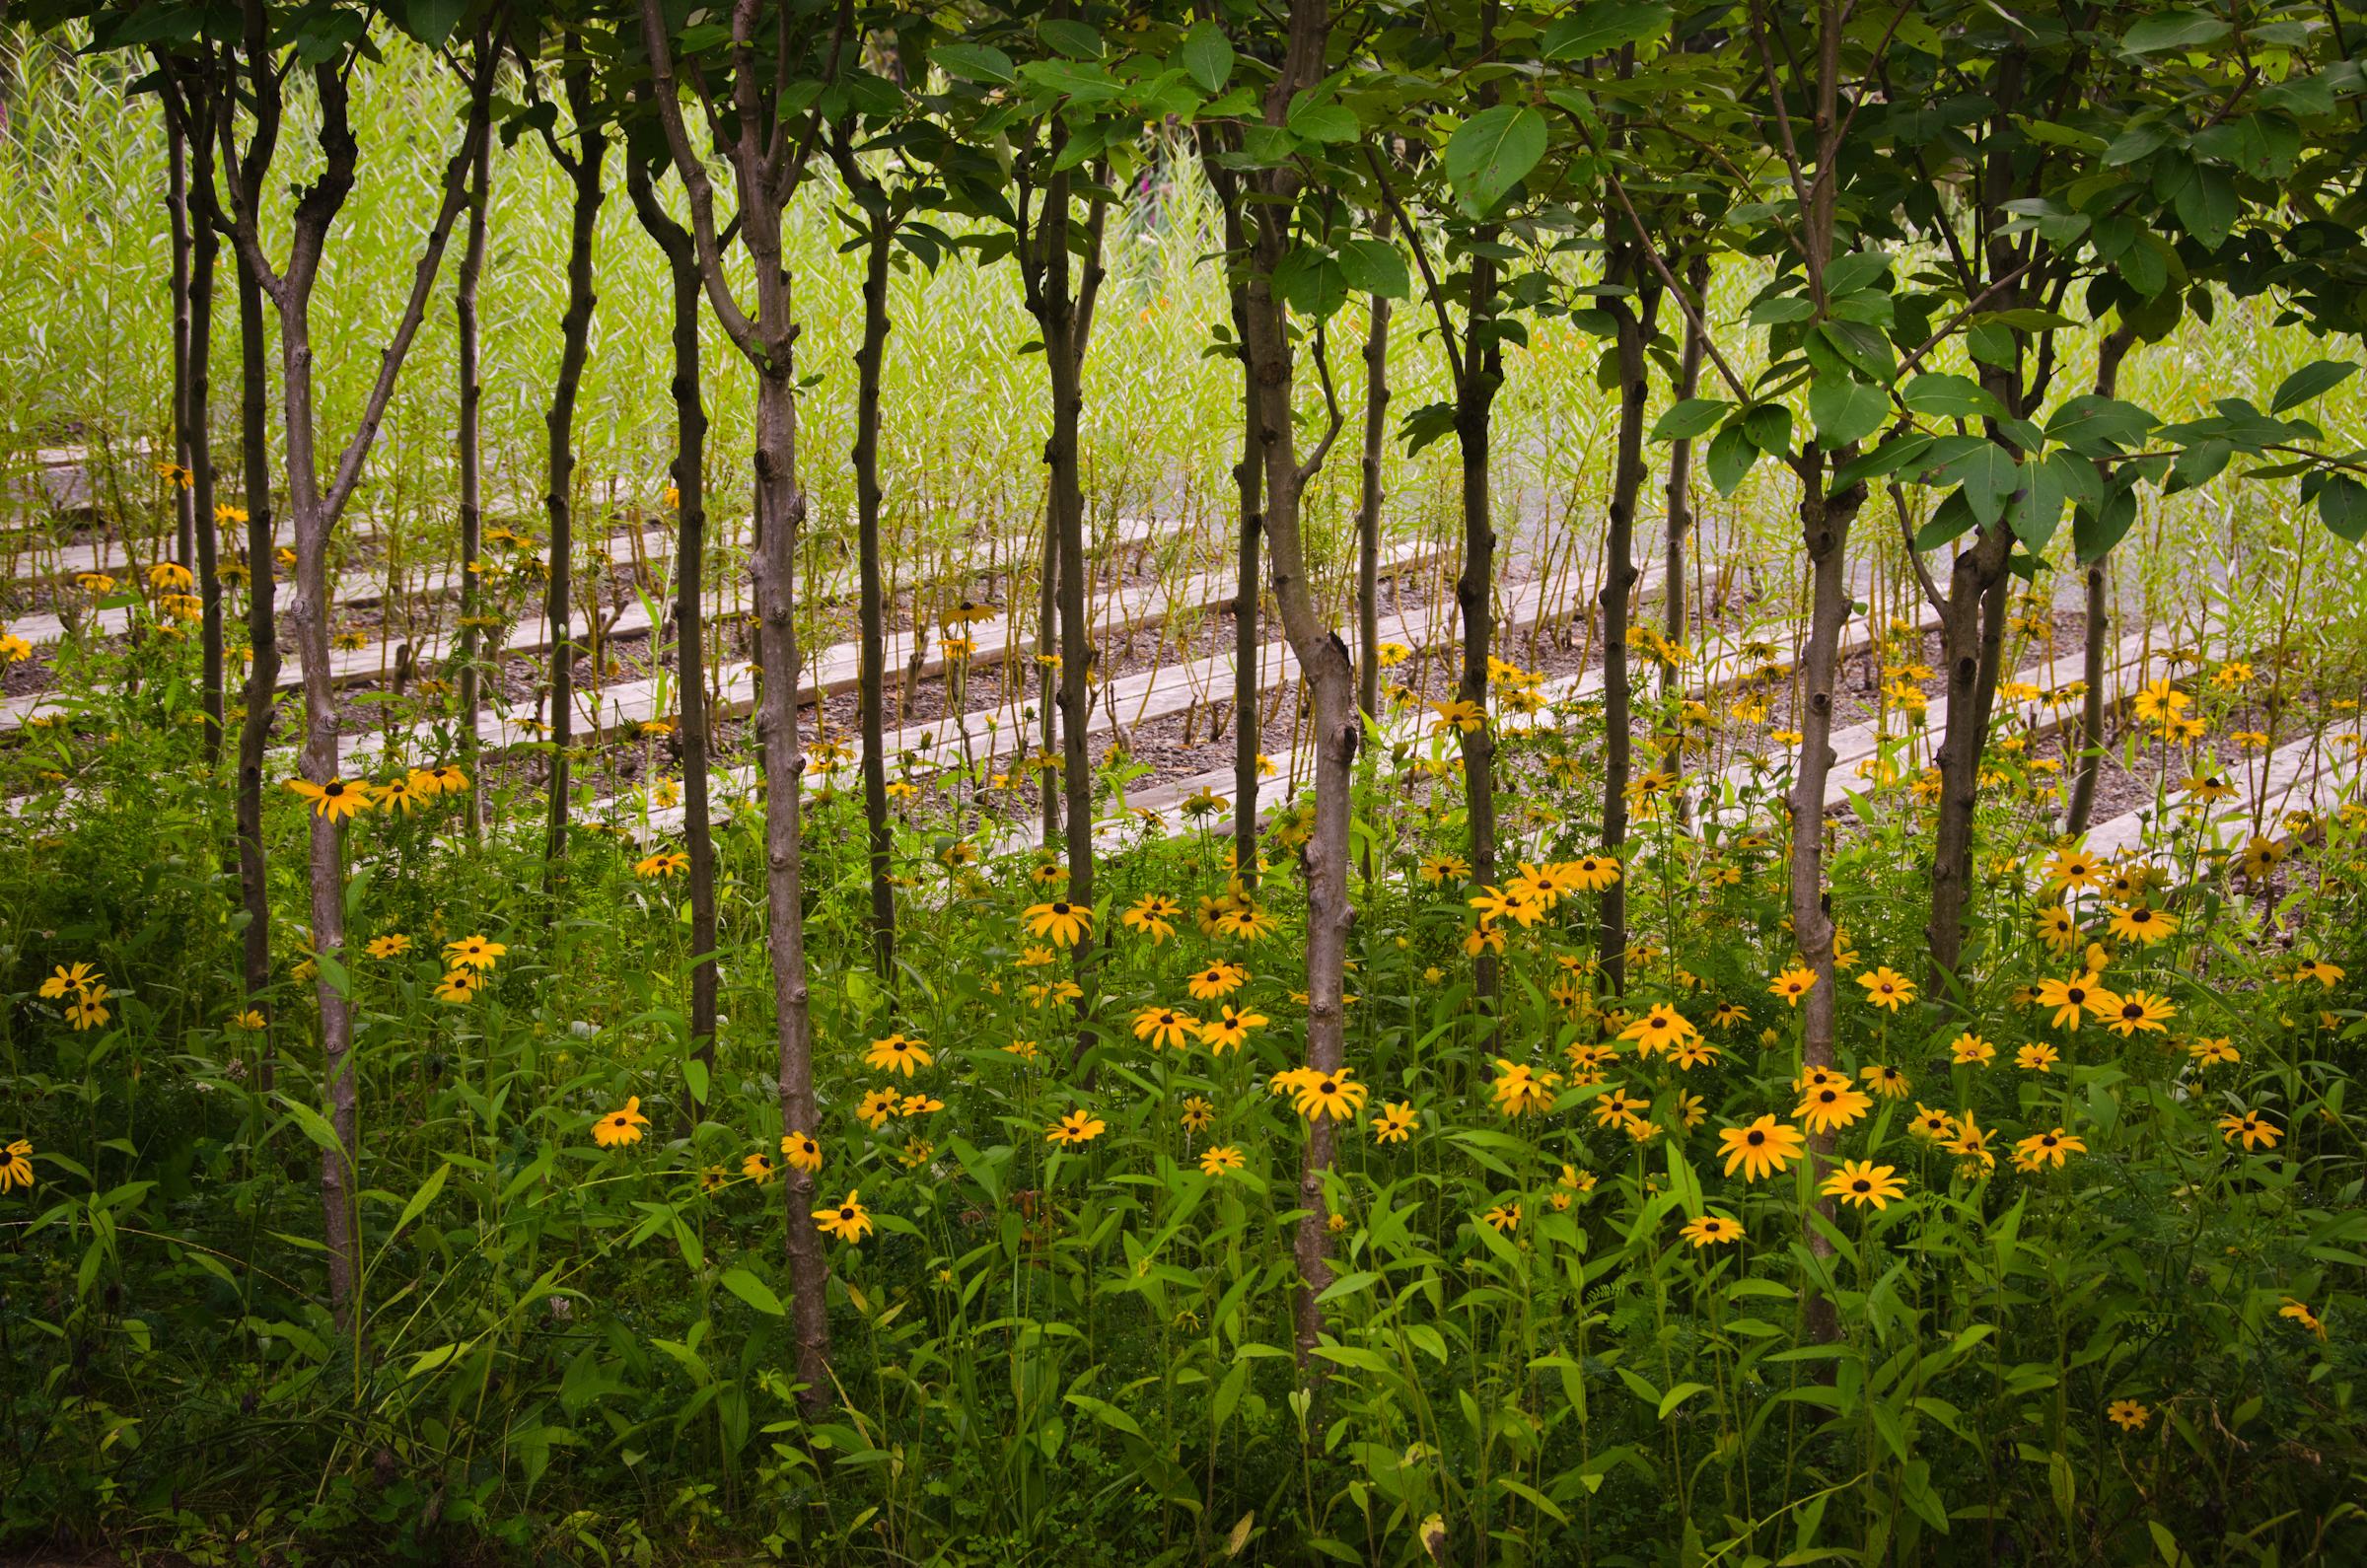 Jardin de m tis 2011 international festival of gardens for Garden jardin